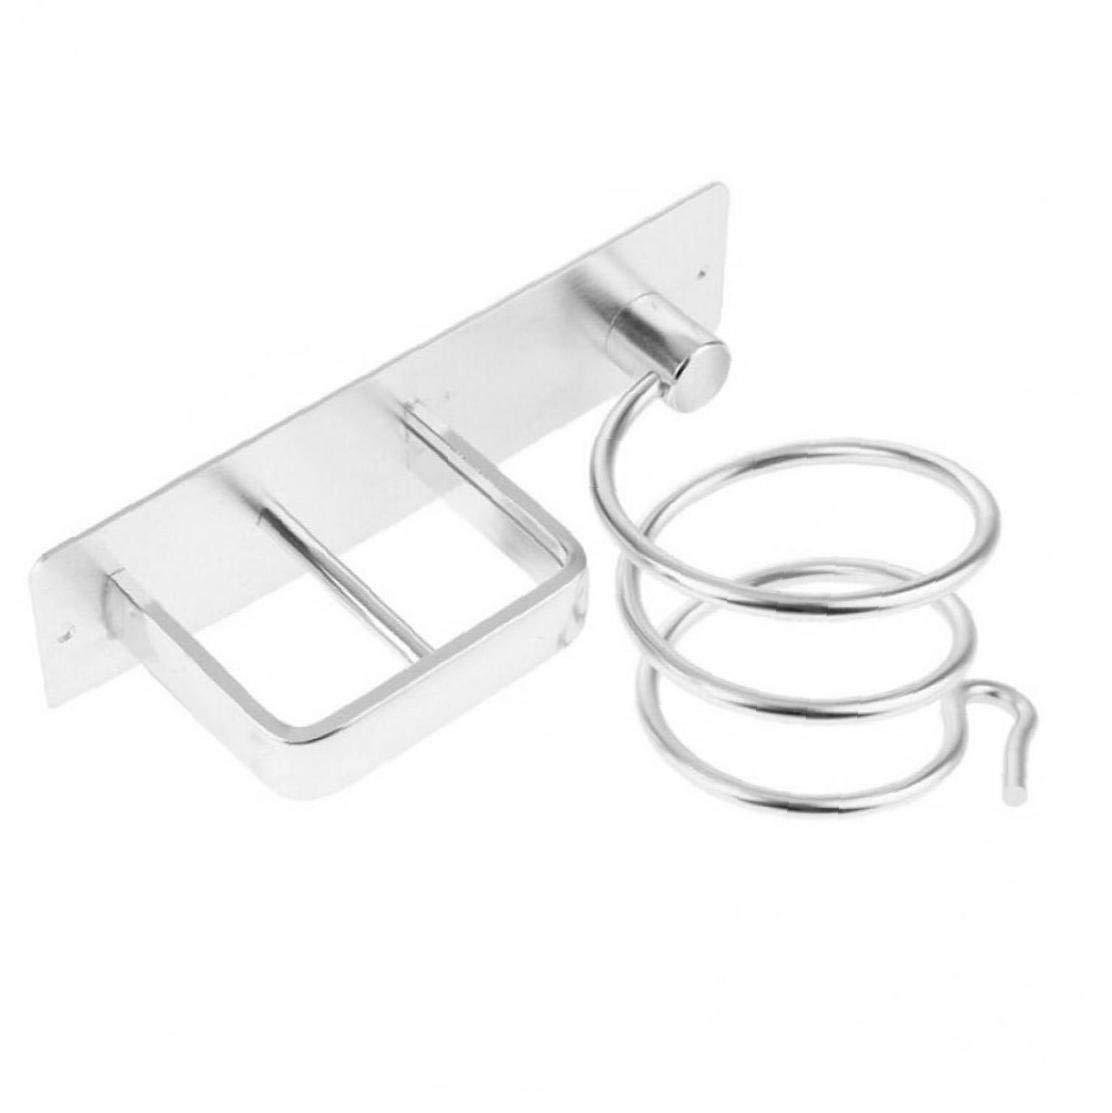 Aisoway De Pared de Aluminio Secador de Pelo montado en Rack Organizador Secador de Pelo enderezadora Juego de Soporte para la Plataforma de ba/ño Suministros de ba/ño